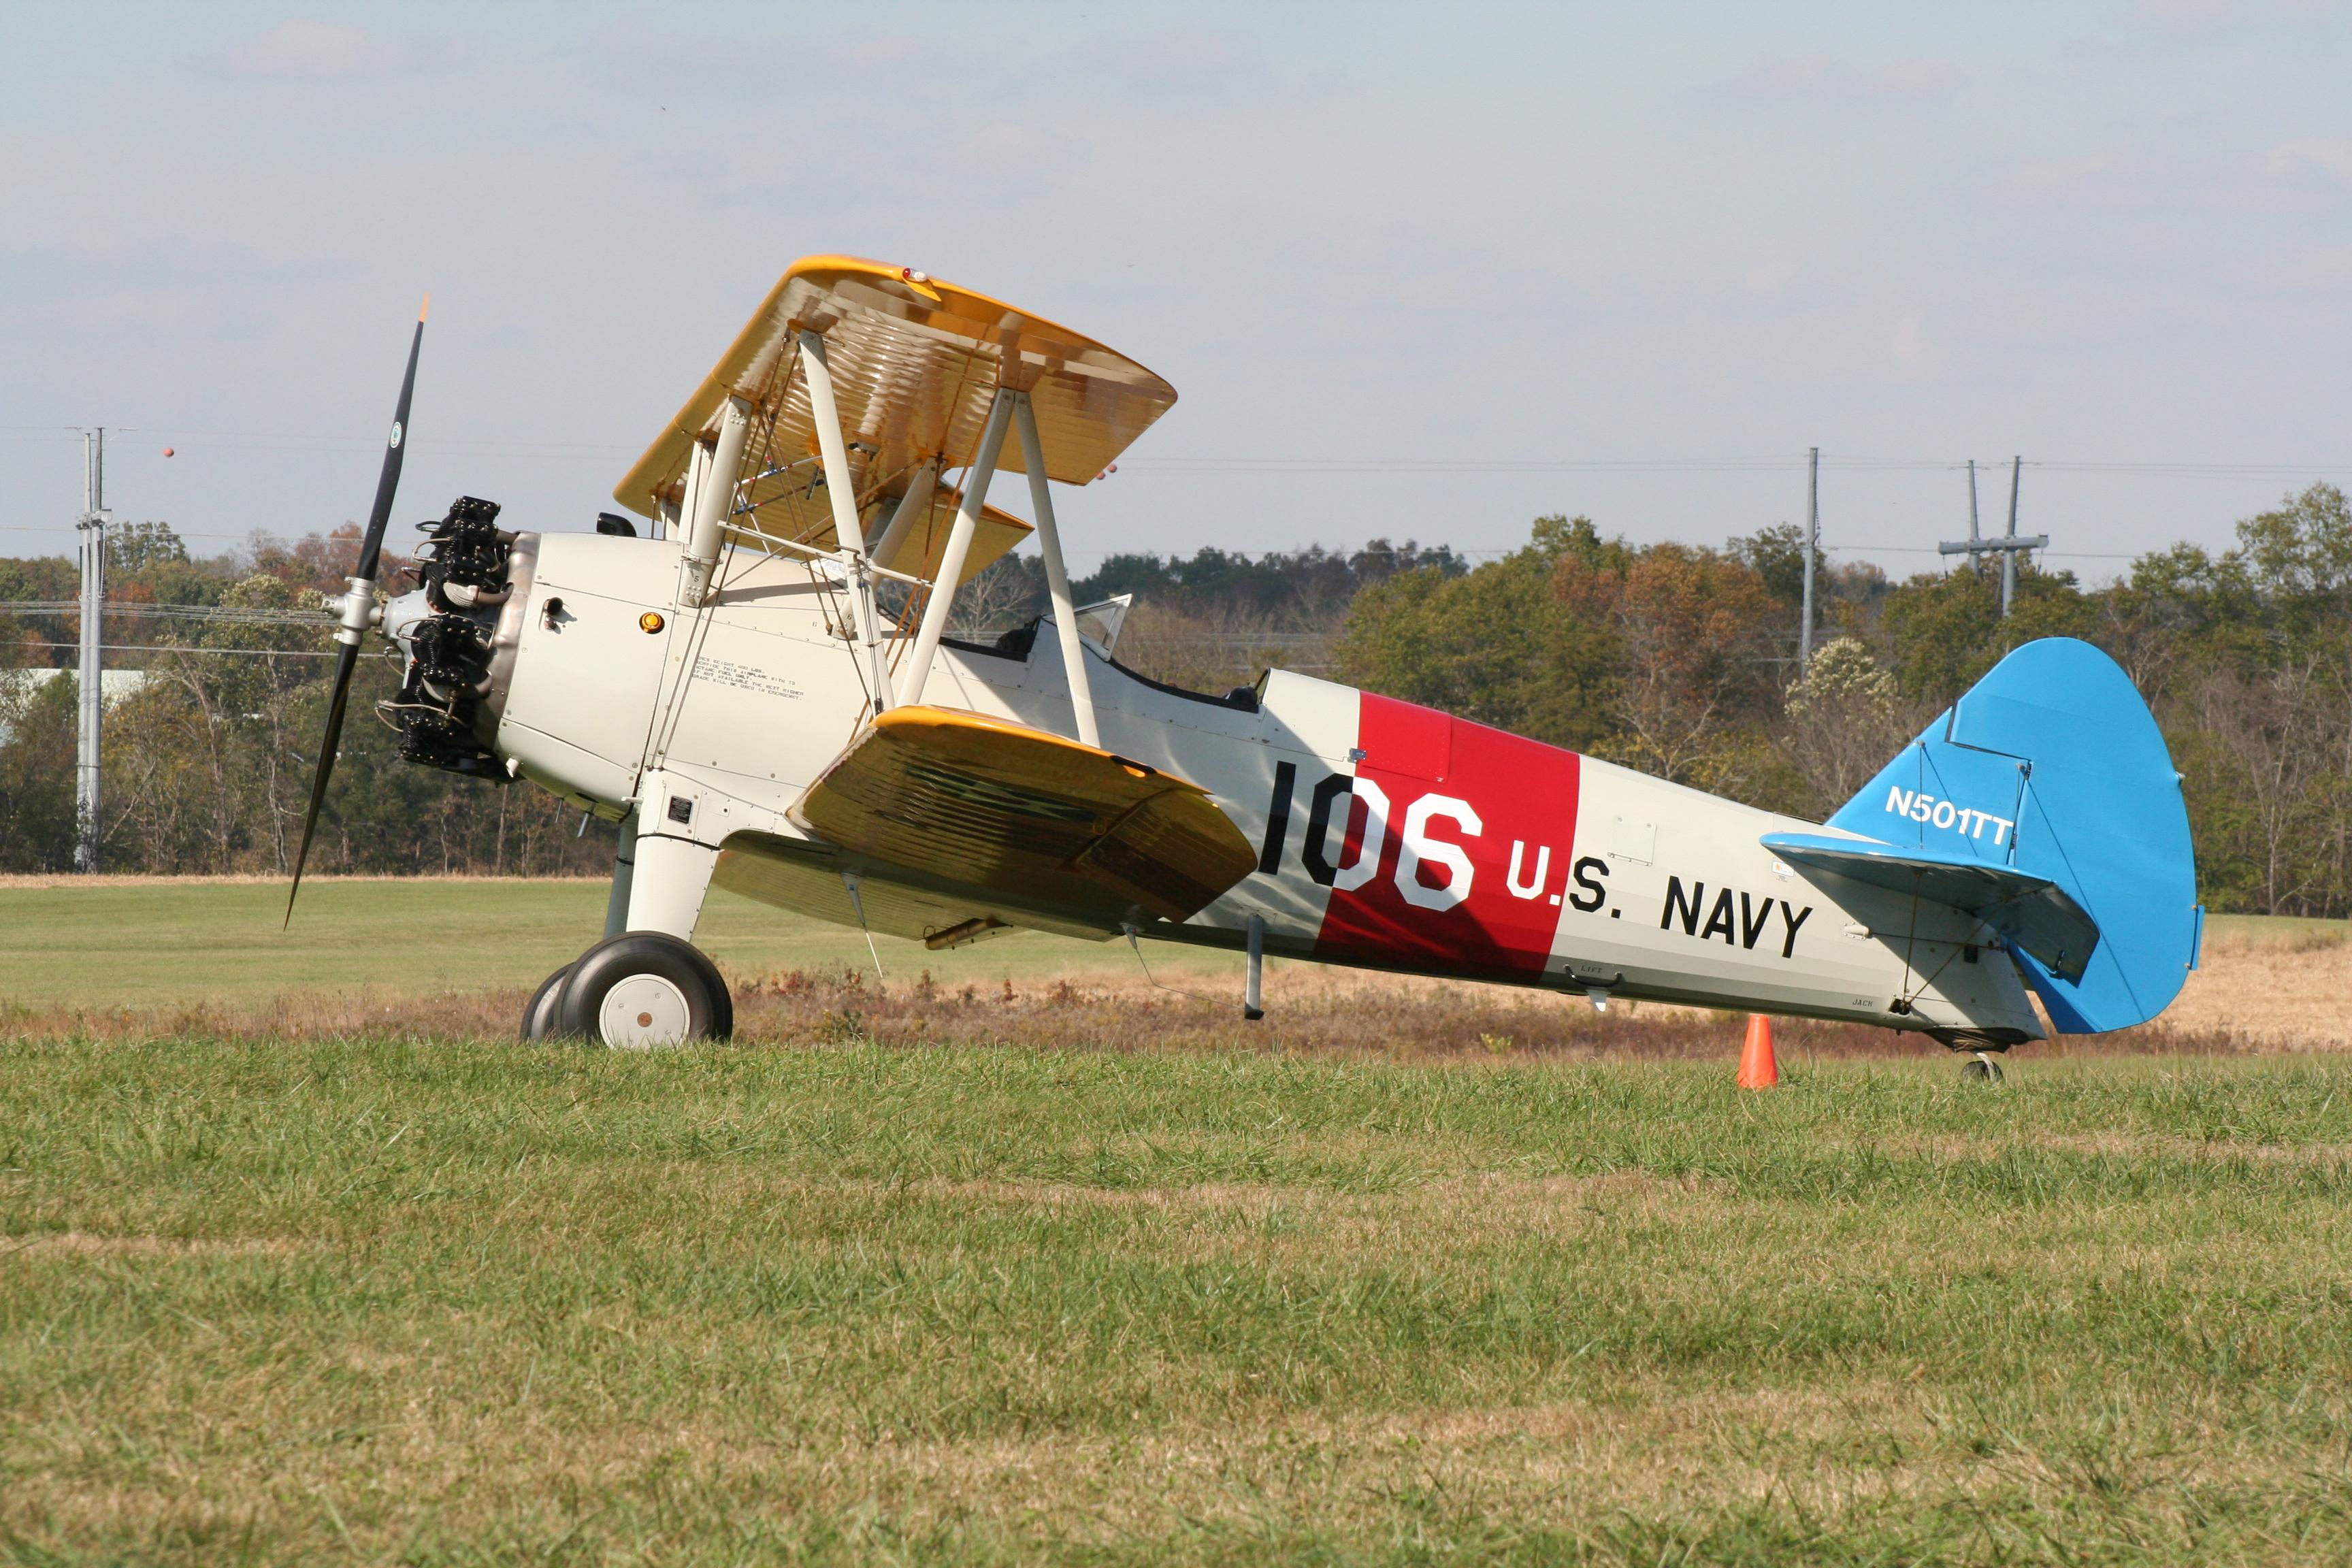 Flying Circus Aerodrome - History & Aircraft